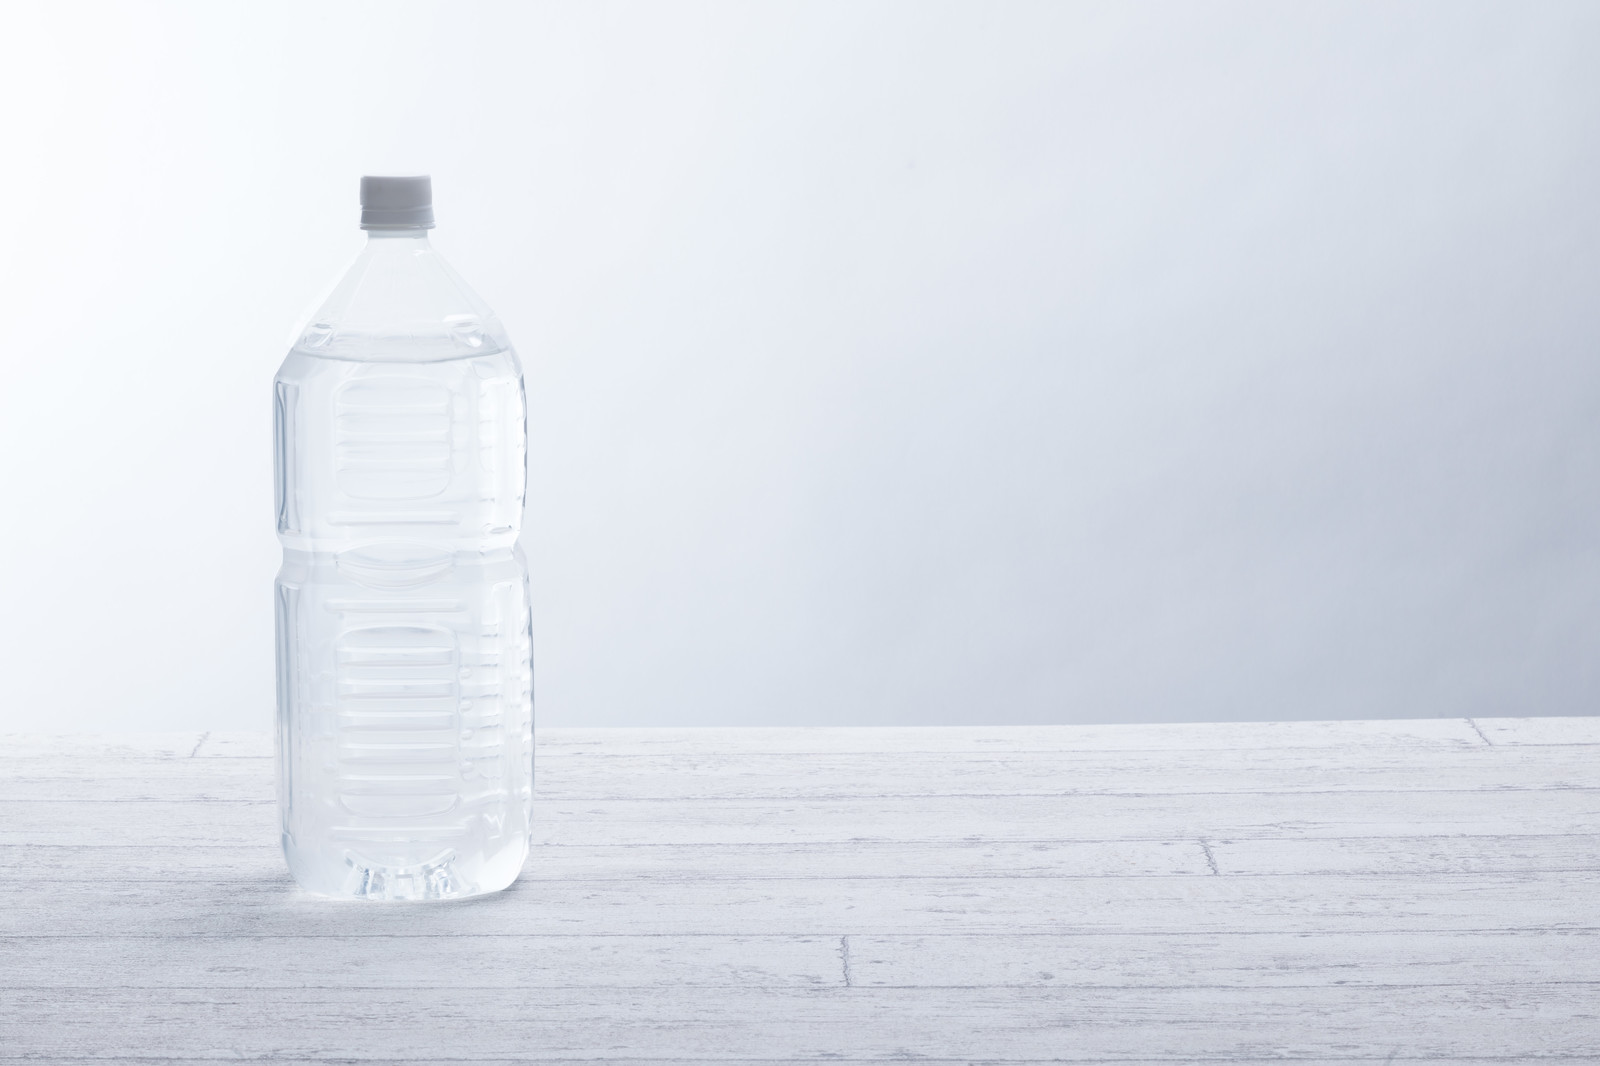 「ミネラルウォーターが入った2リットルペットボトル」の写真